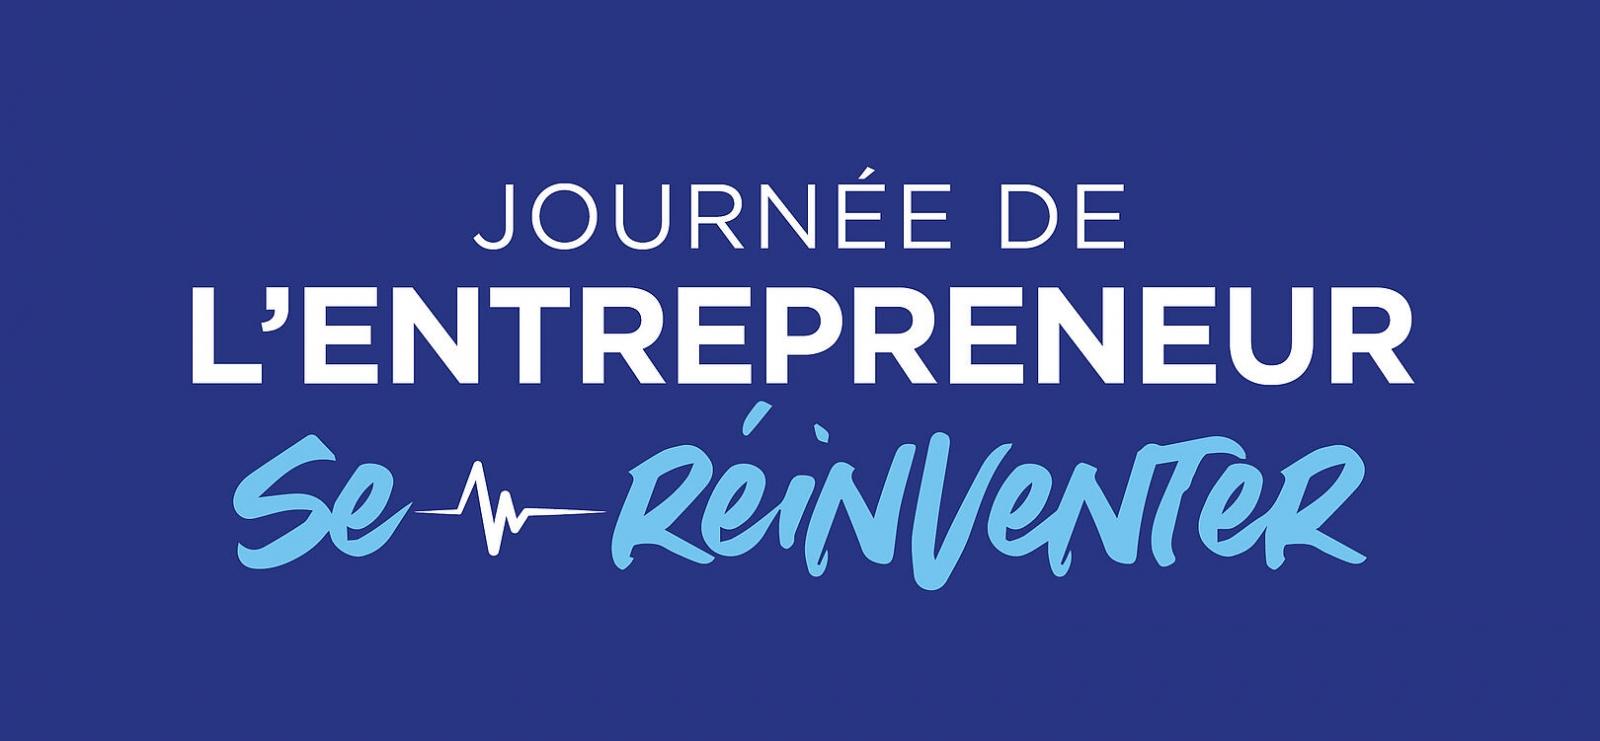 Journée de l'entrepreneur